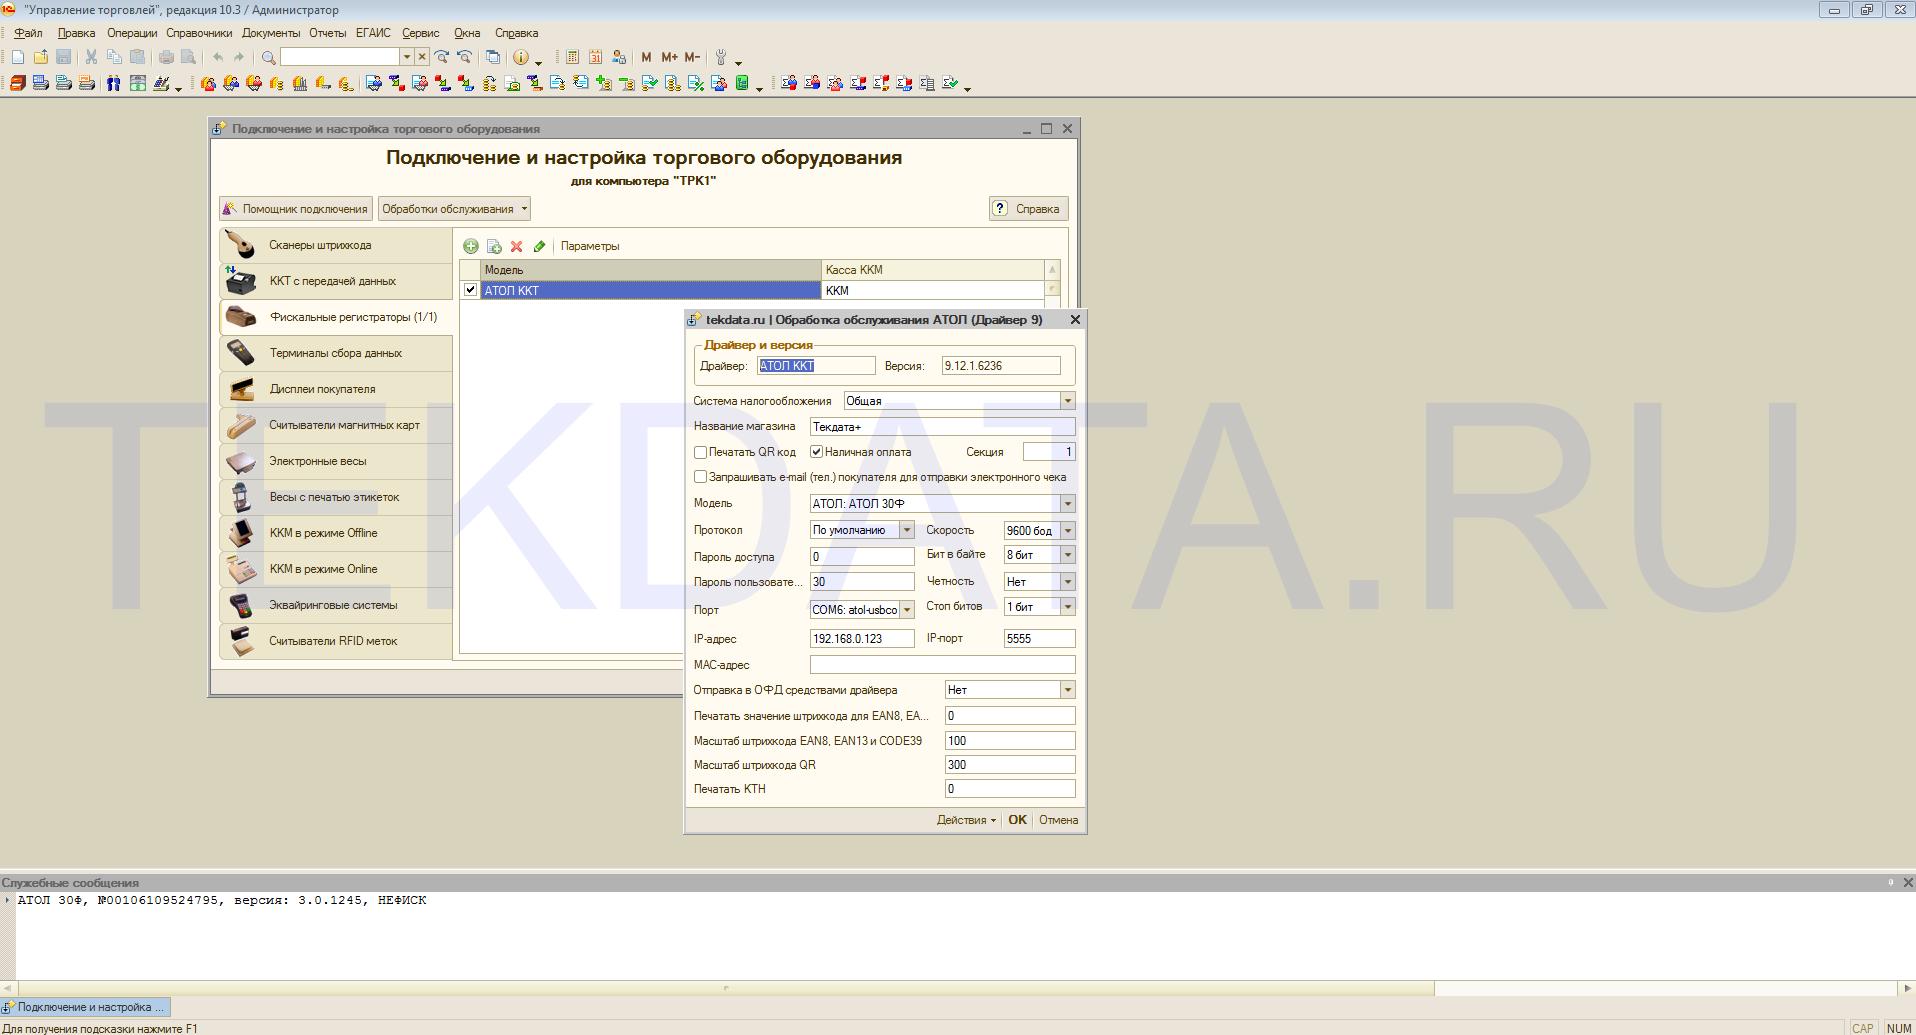 Обработка обслуживания торгового оборудования ККТ (онлайн-кассы) АТОЛ (Драйвер 9.х) для 1С:УТ 10.3